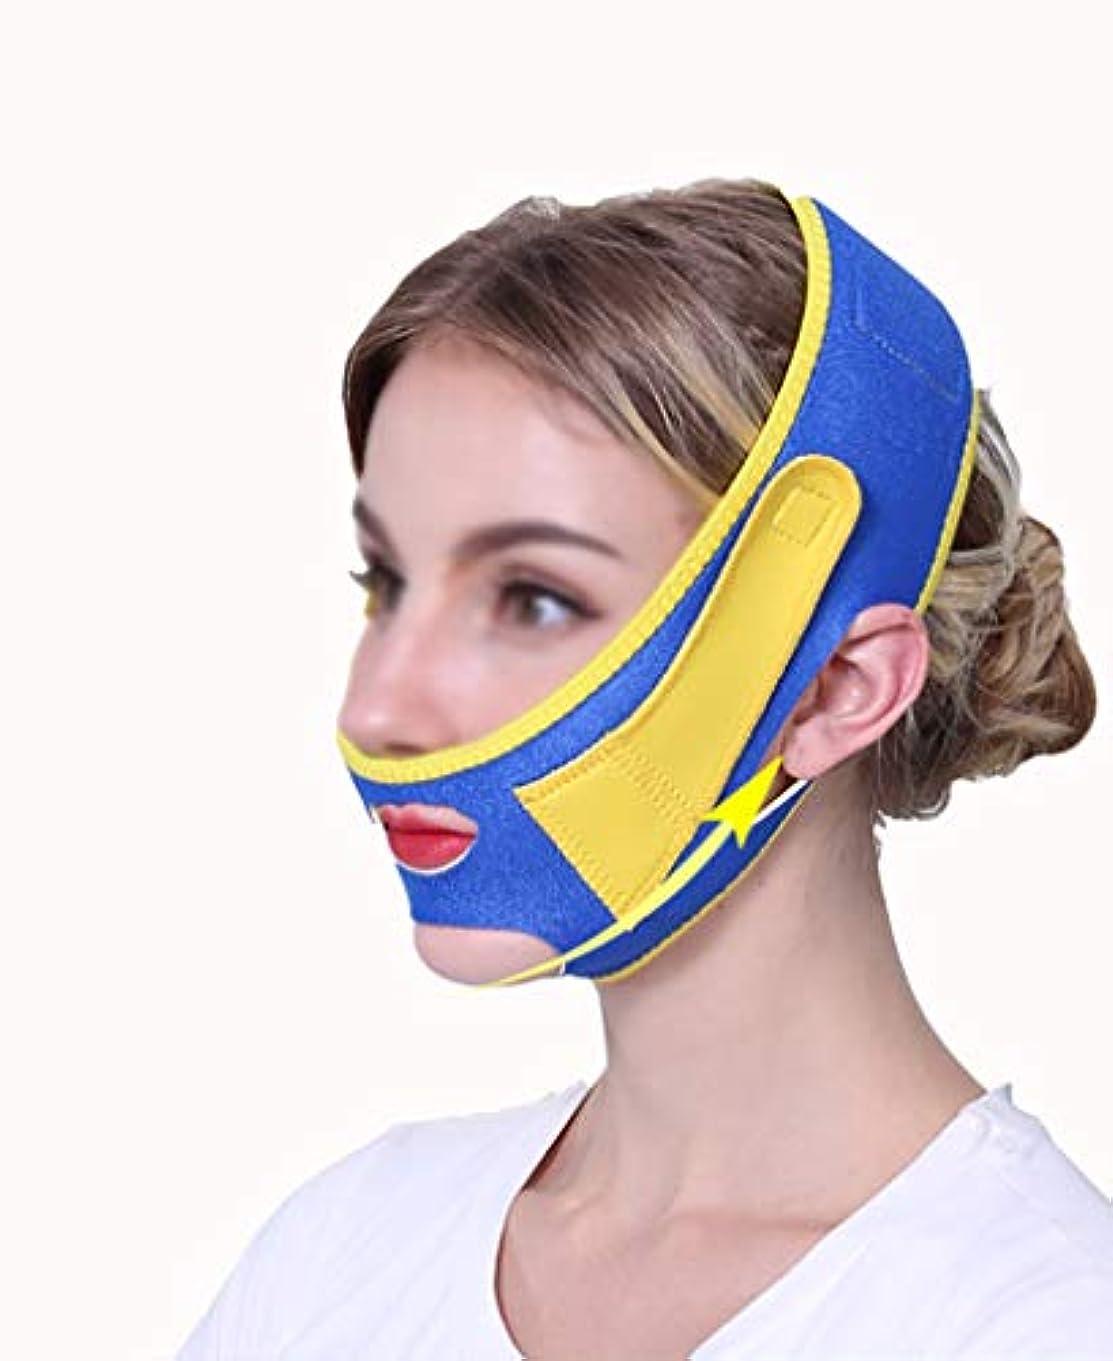 船酔い存在するの前でフェイスリフトマスク、あごストラップ回復包帯シンフェイスマスクVフェイスステッカーフェイスリフトステッカー韓国本物のリフティング引き締めリフト整形薄型ダブルあごフェイスリフト睡眠包帯アーティファクト